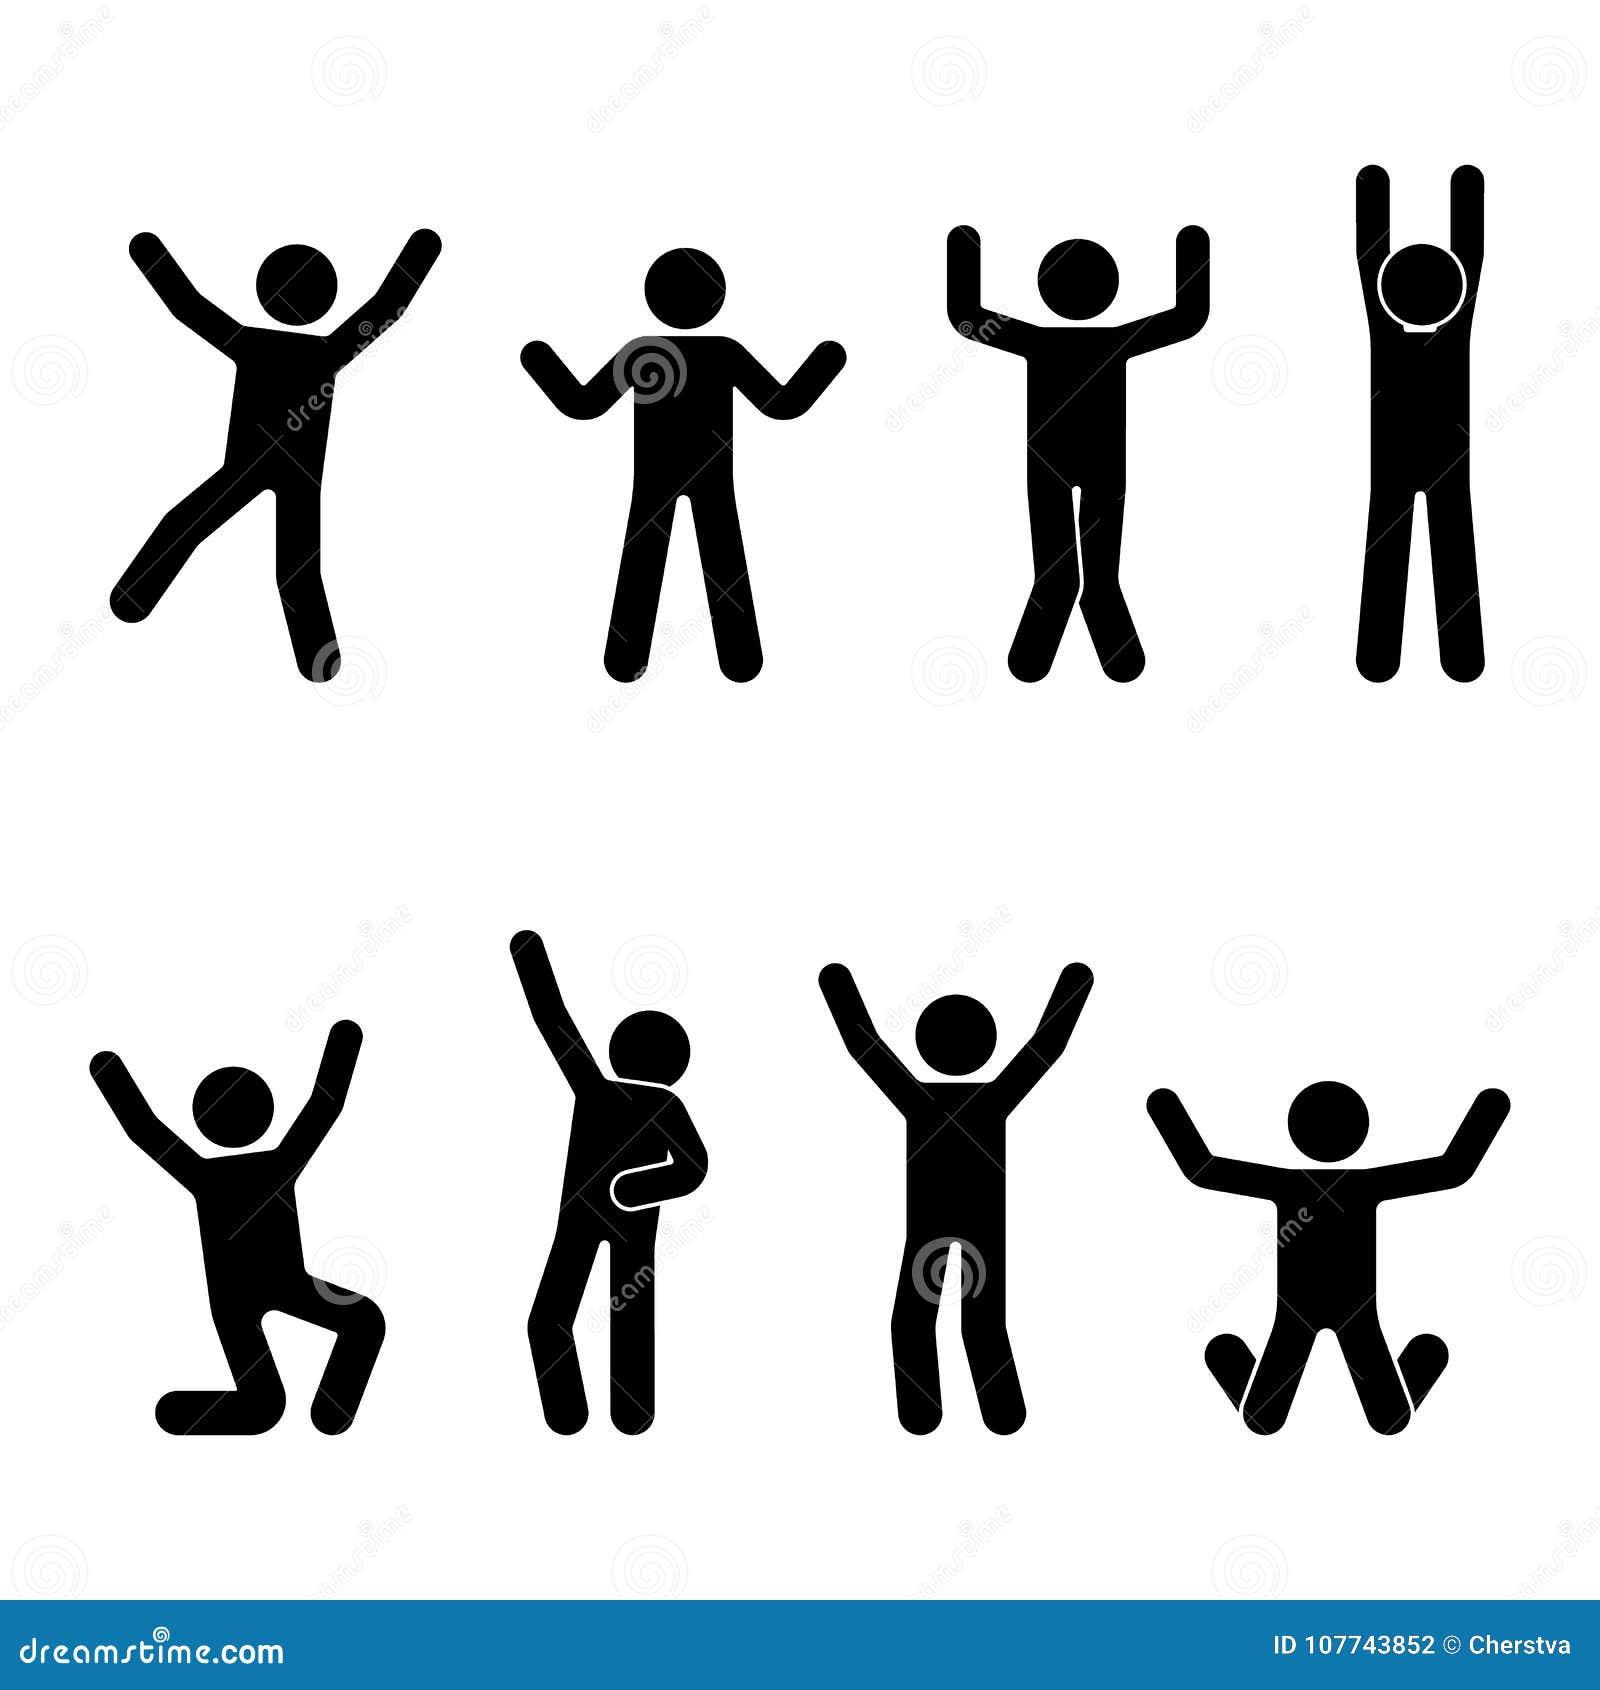 Ευτυχία αριθμού ραβδιών, ελευθερία, άλμα, σύνολο κινήσεων Η διανυσματική απεικόνιση του εορτασμού θέτει το εικονόγραμμα